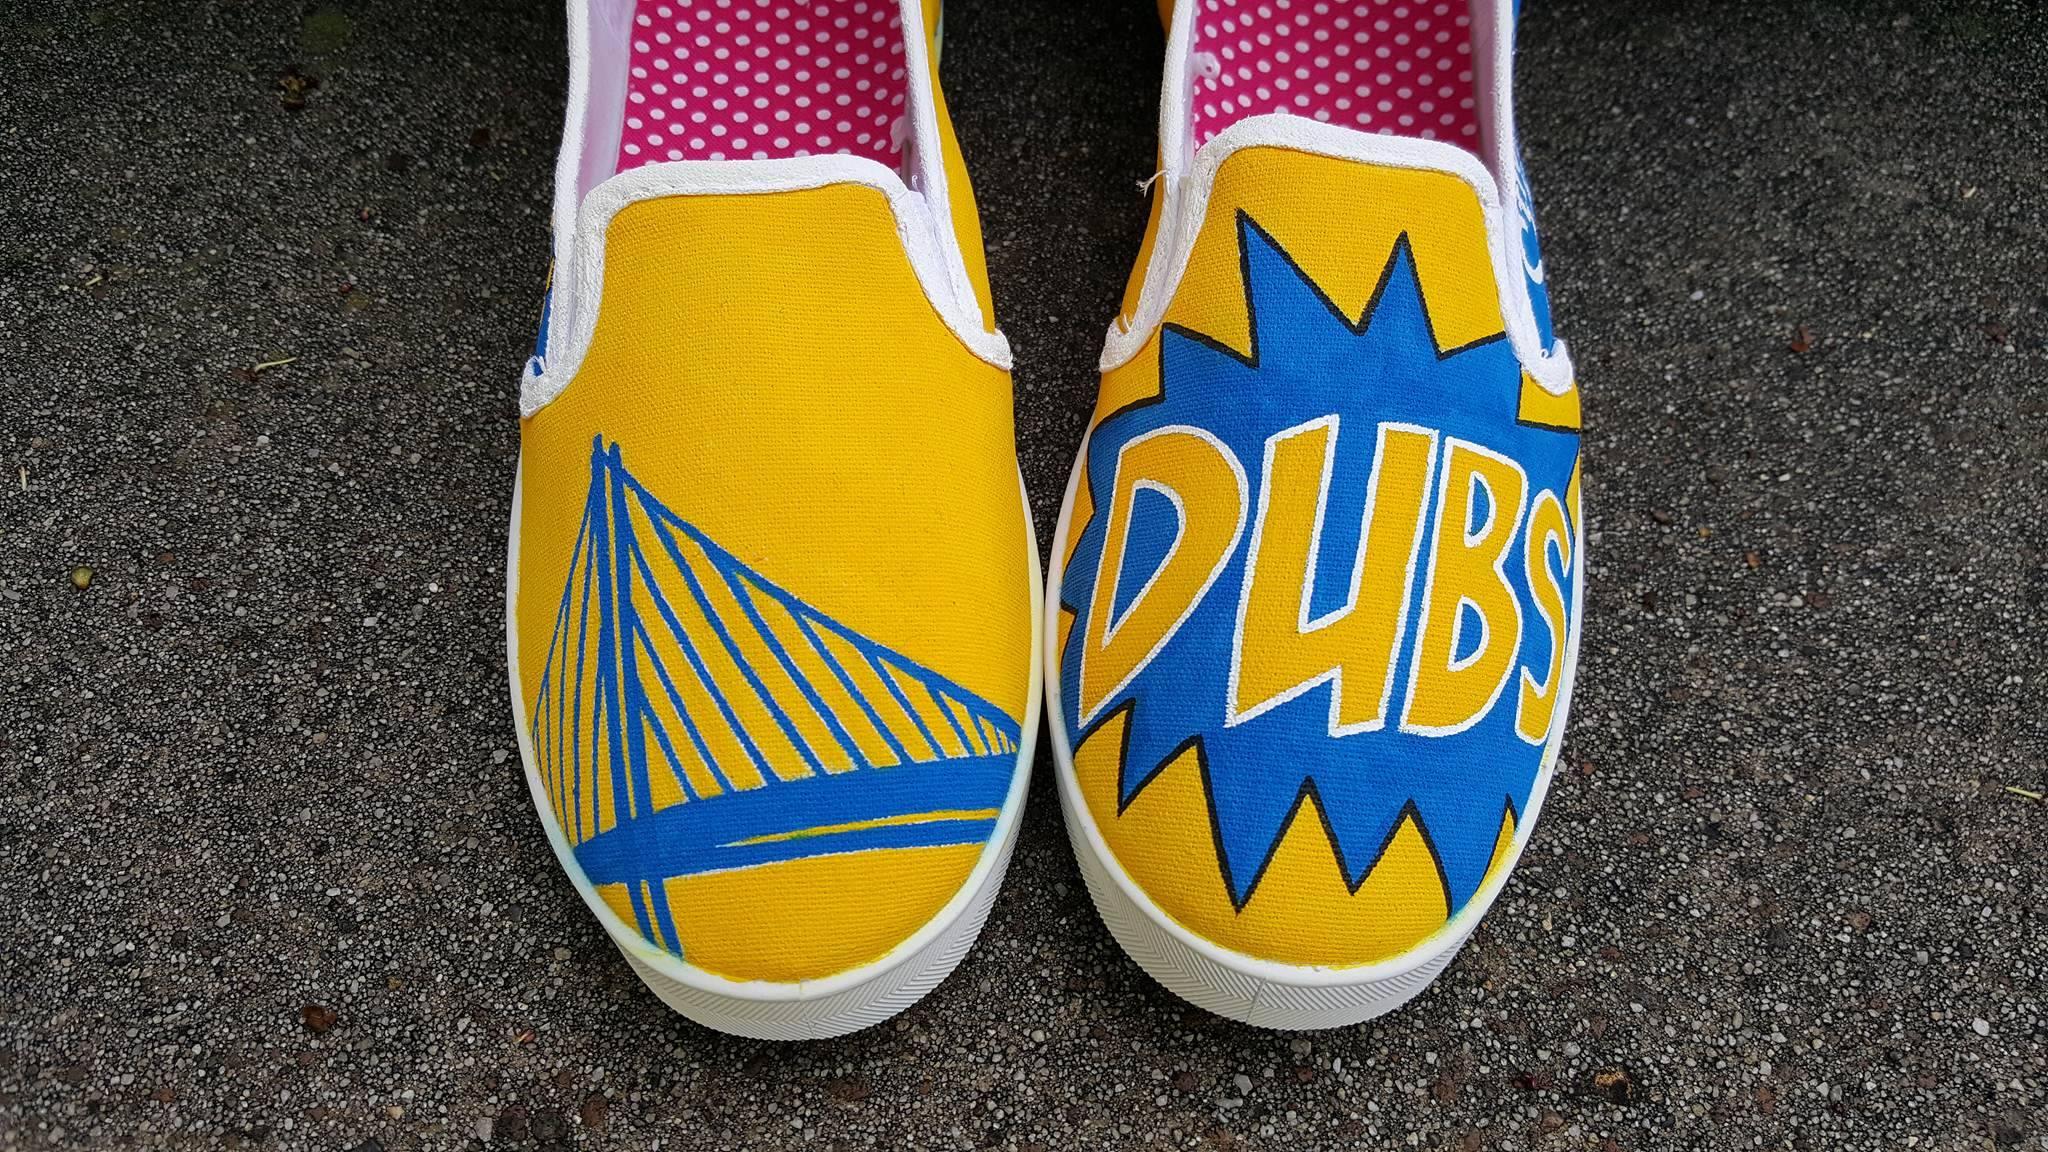 Warriors top of shoe